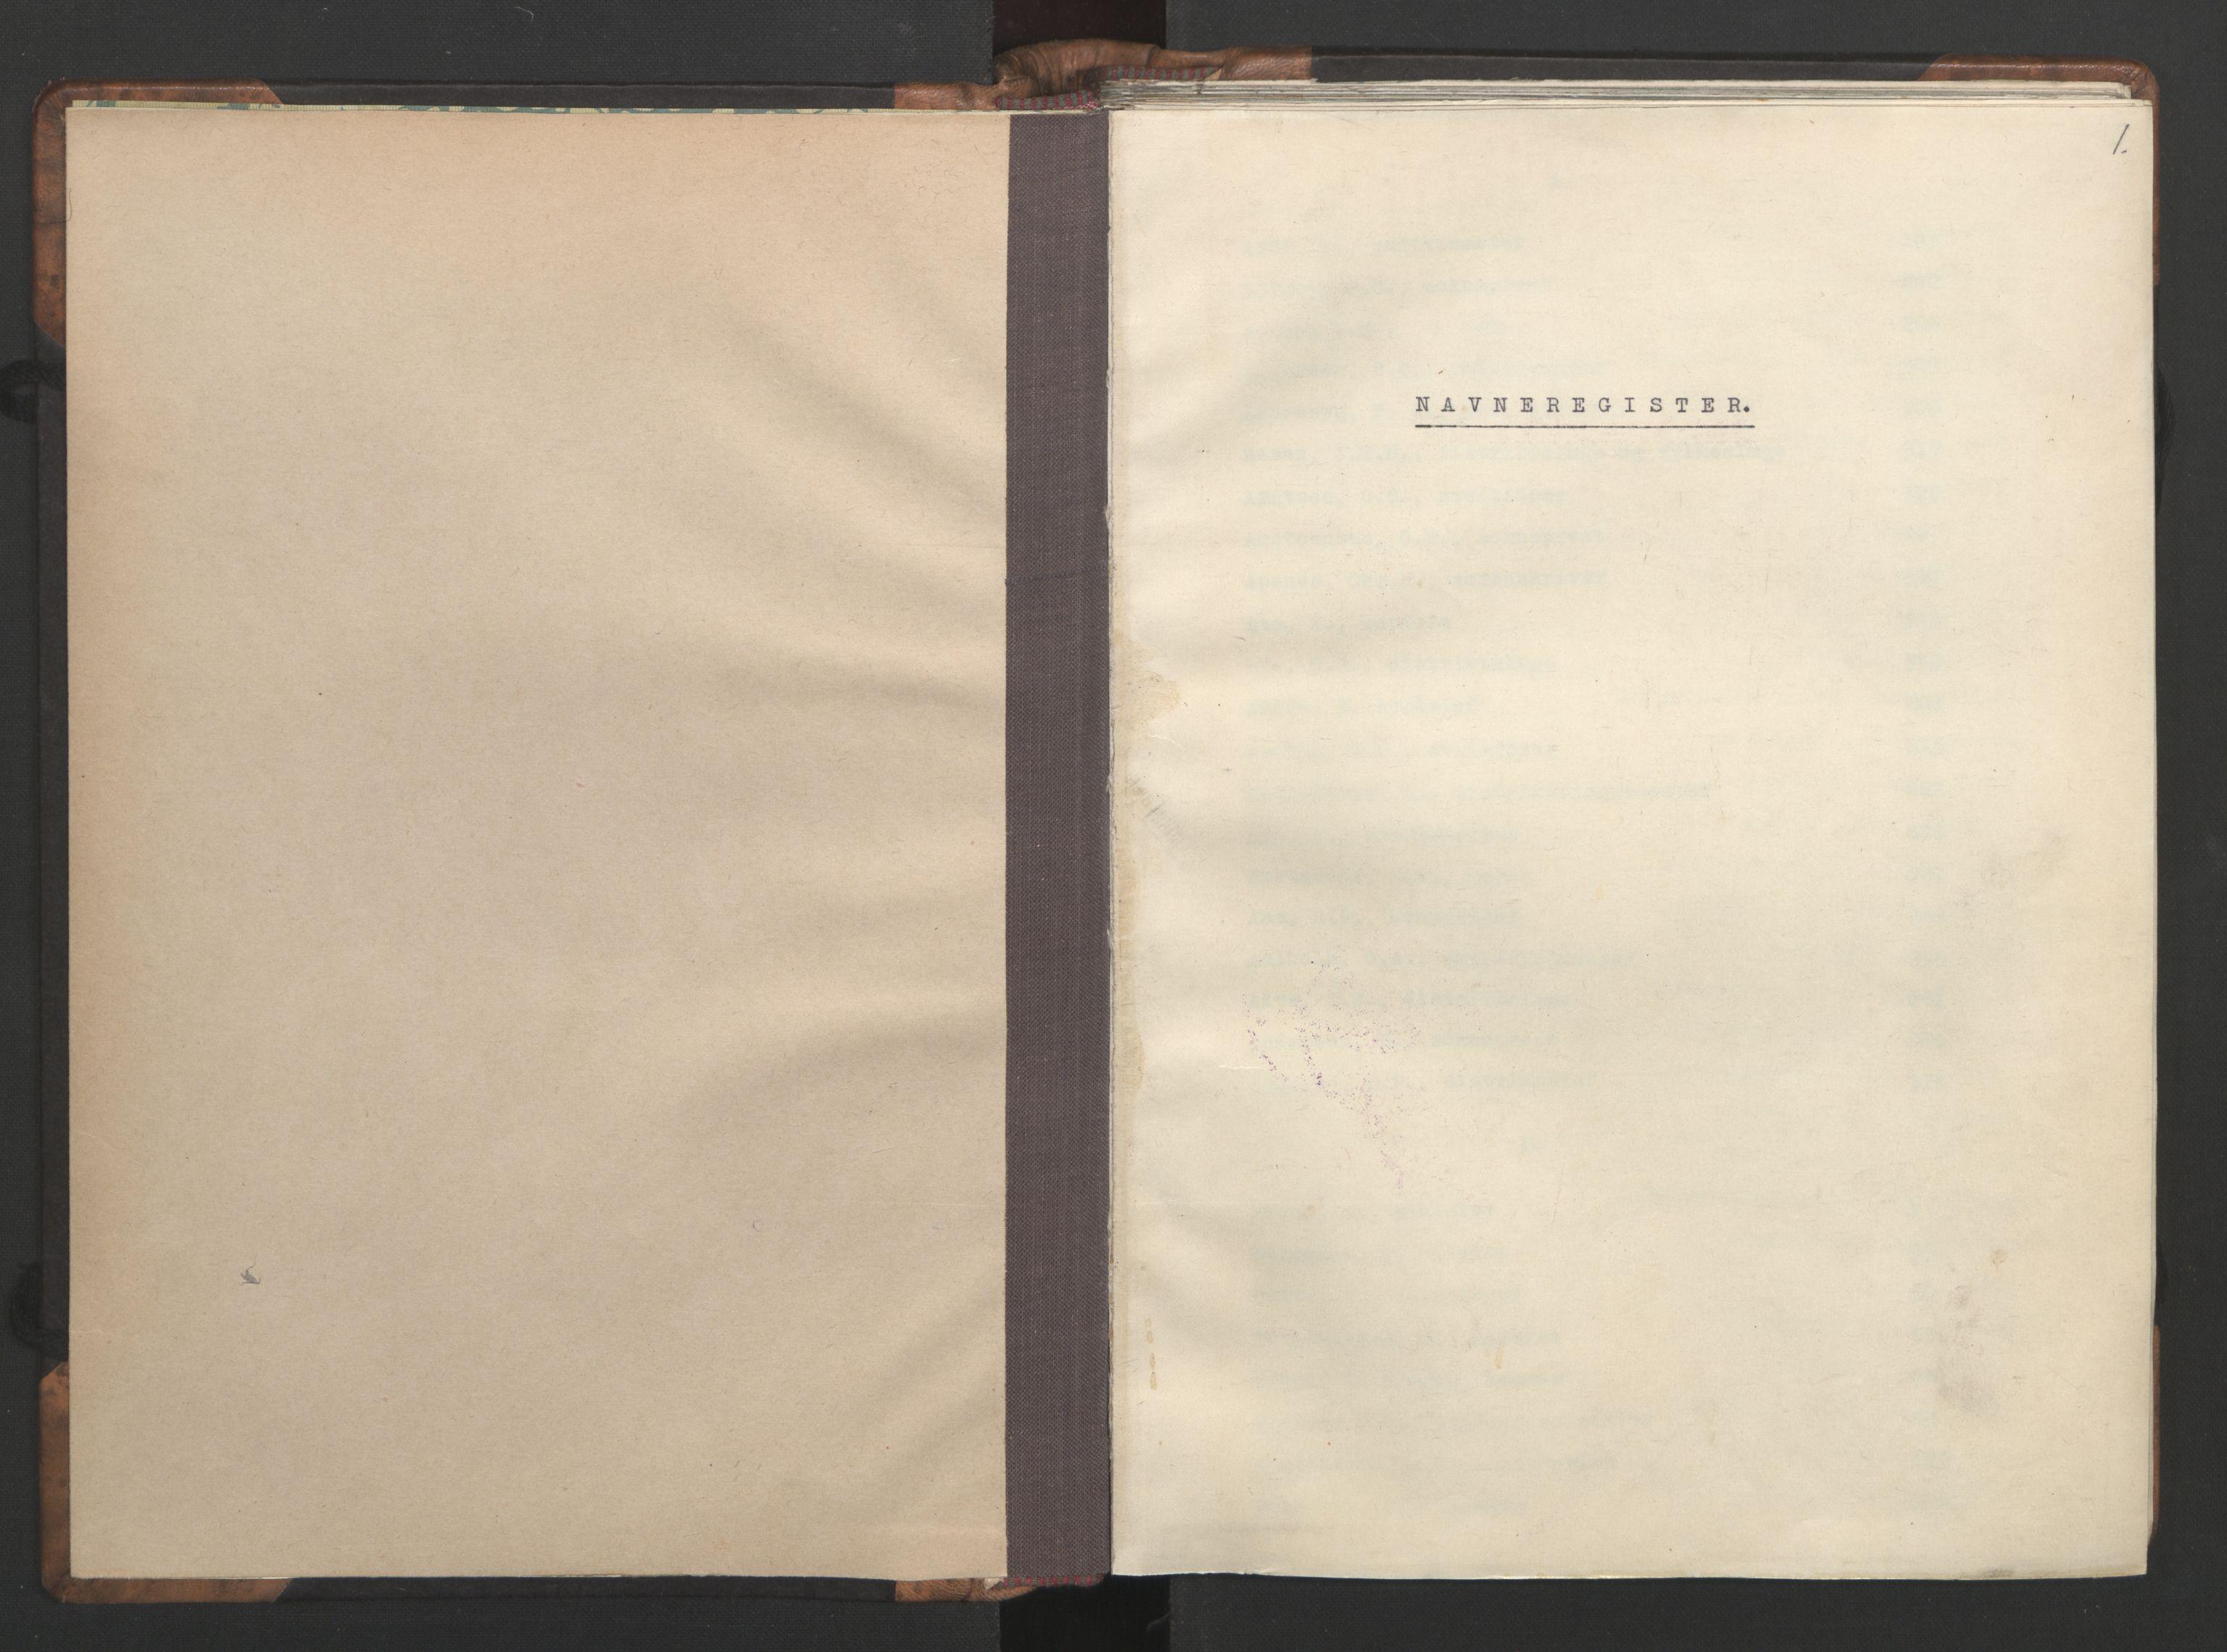 RA, NS-administrasjonen 1940-1945 (Statsrådsekretariatet, de kommisariske statsråder mm), D/Da/L0002: Register (RA j.nr. 985/1943, tilgangsnr. 17/1943), 1942, s. 1a